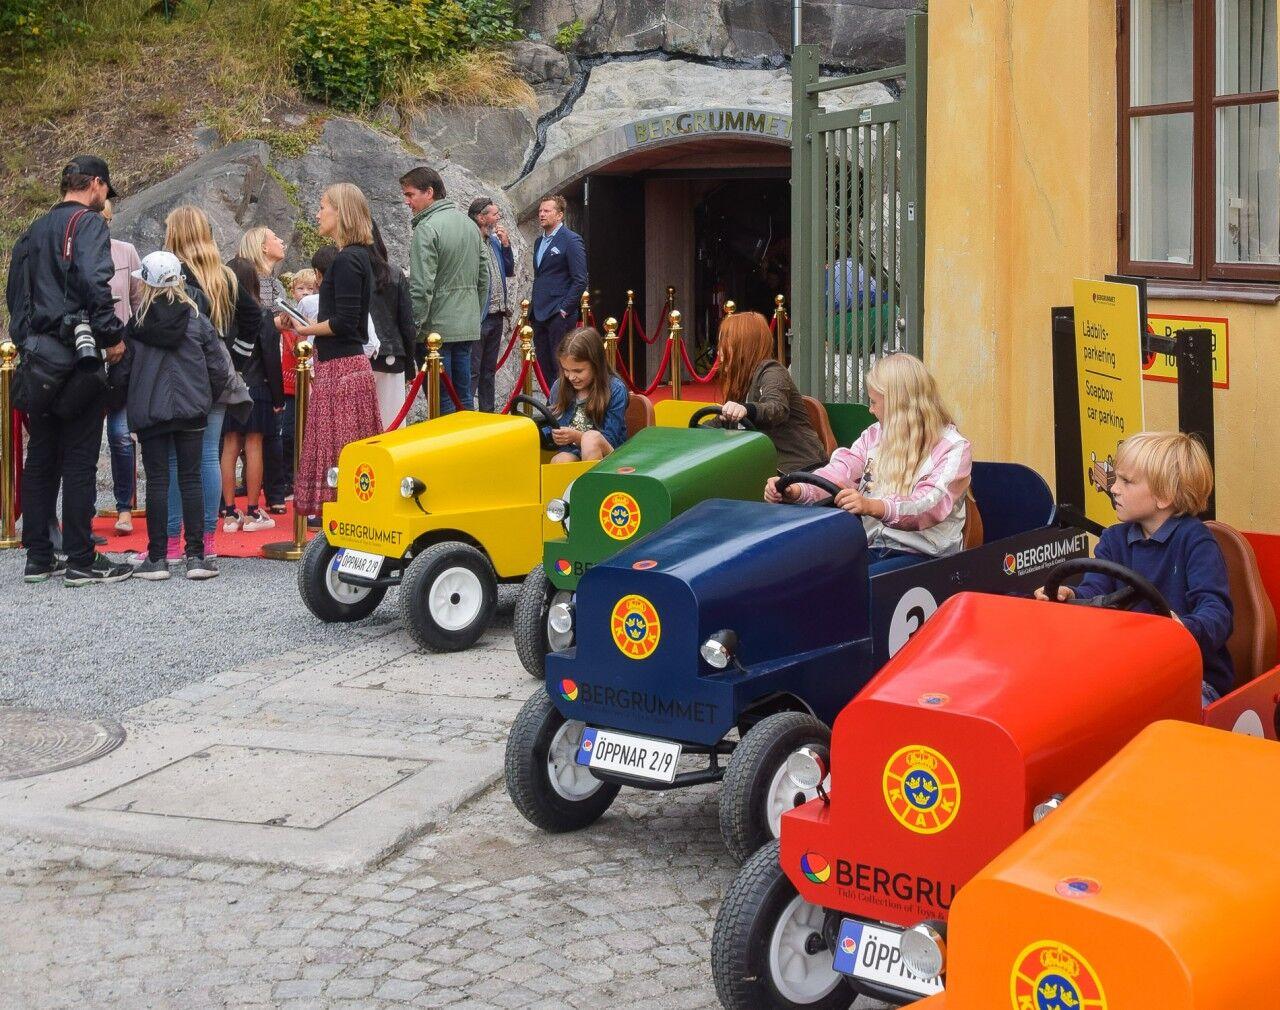 Finns även ett trevligt café inne i Bergrummet. Roligt och intressant museum för alla åldrar som nu finns till glädje för många!